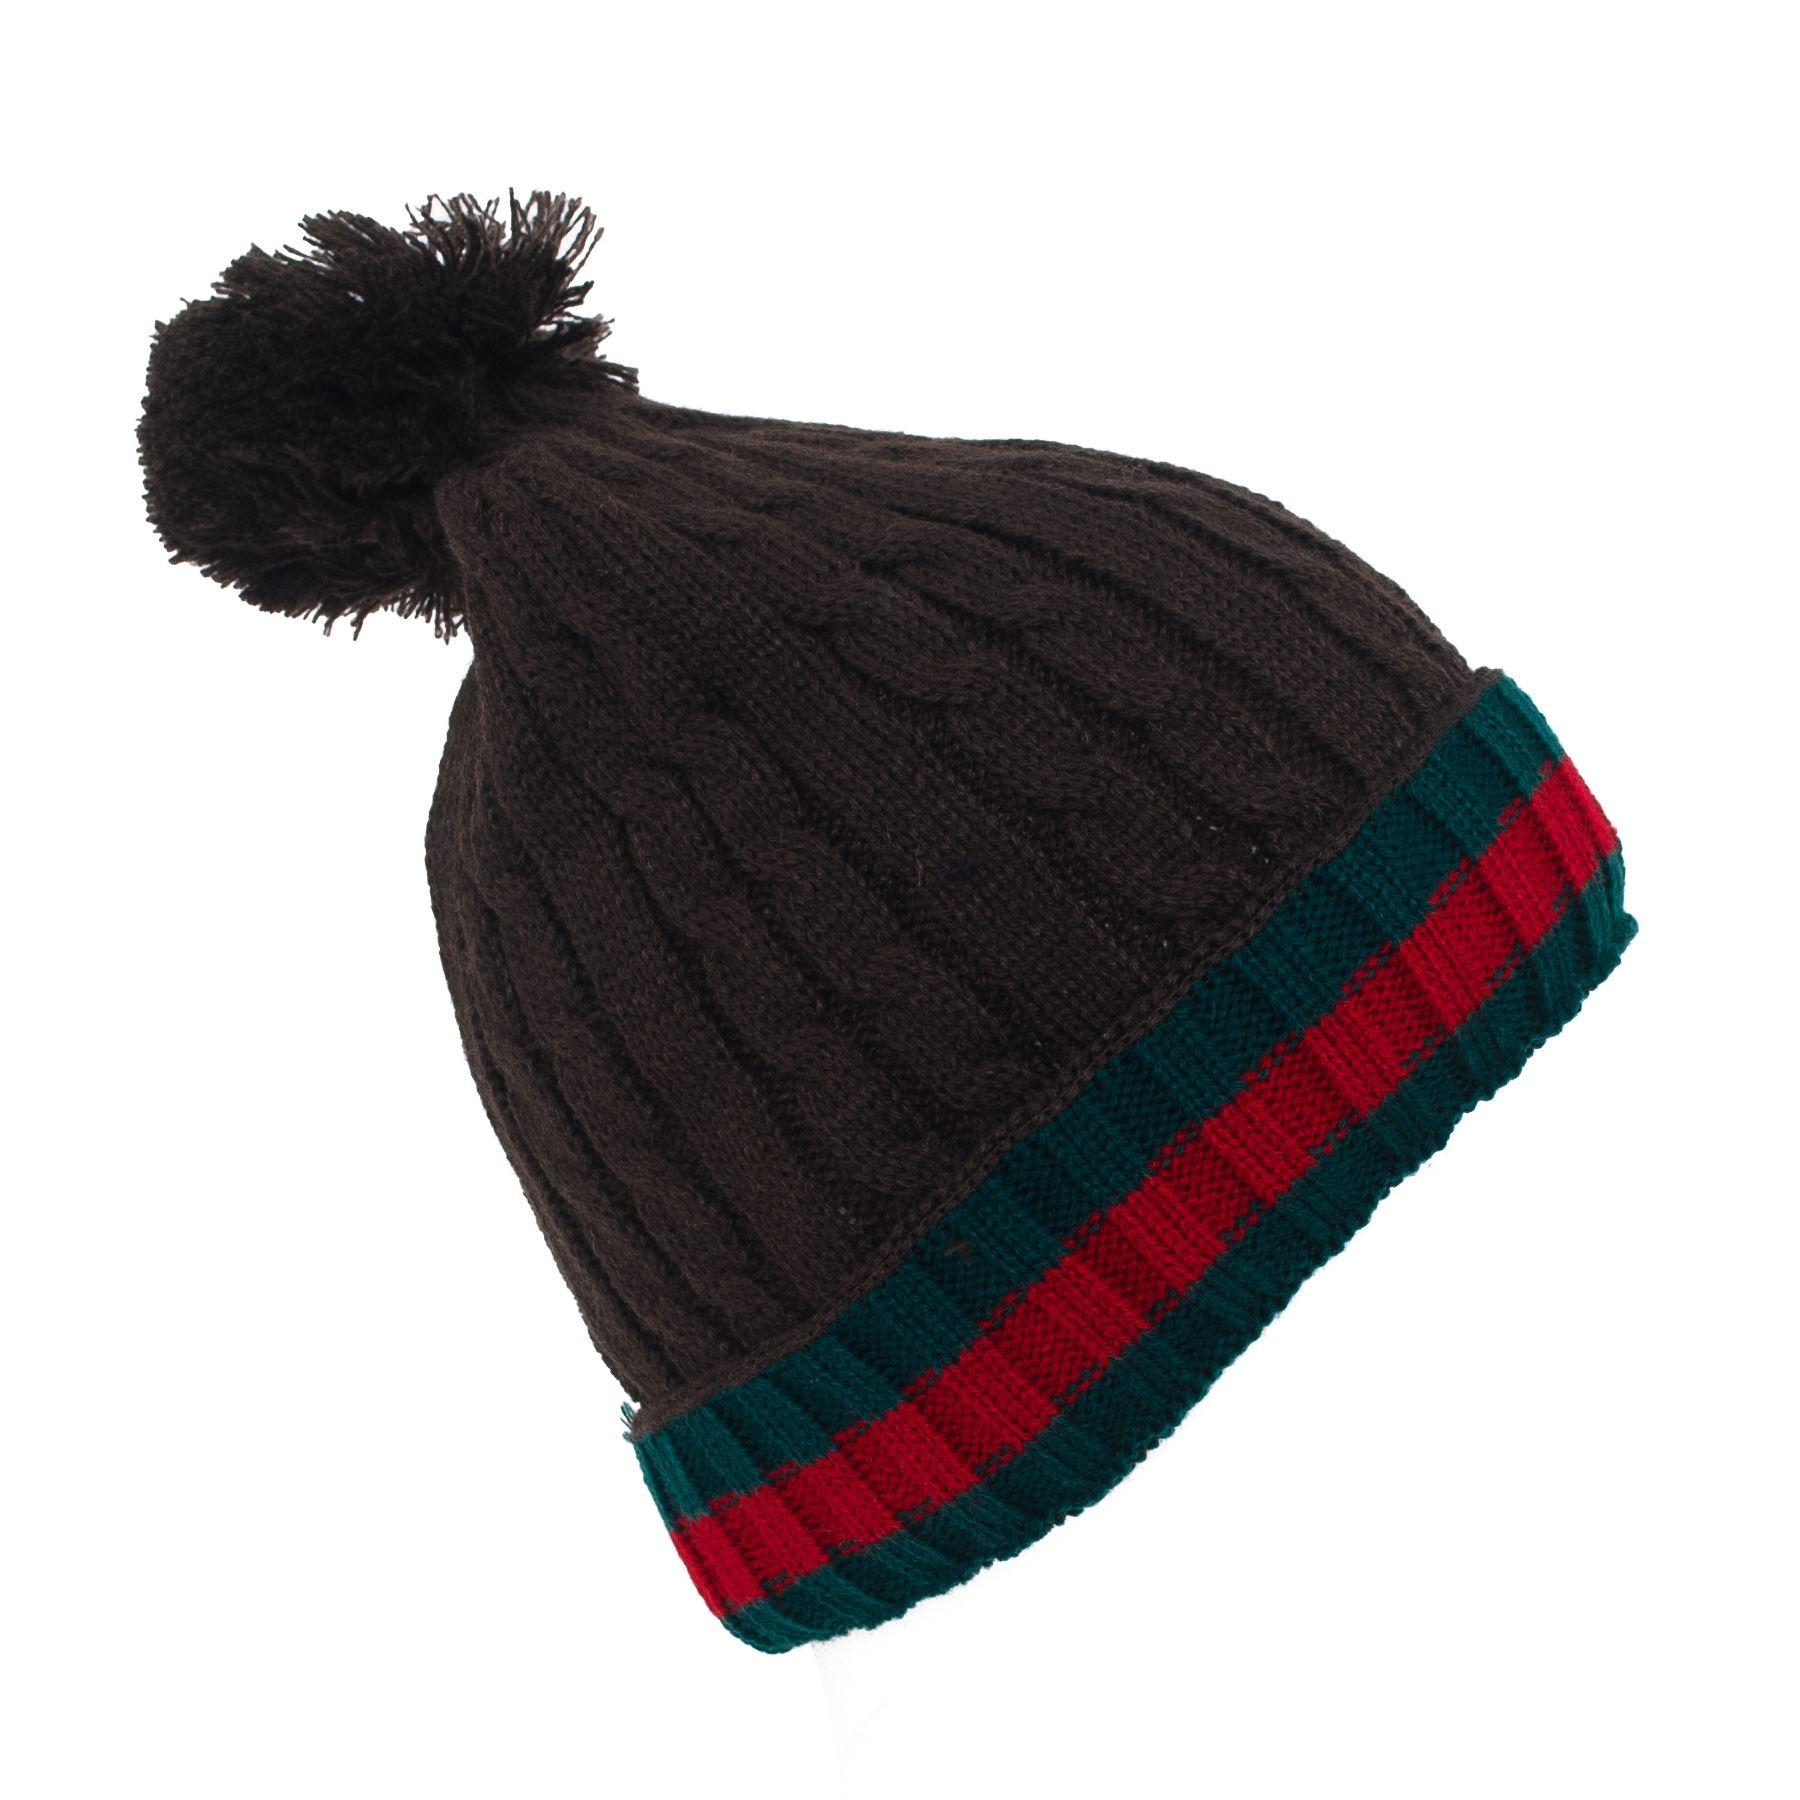 Stripe Pattern Unisex Knitted Pom Pom Ski Hat eBay